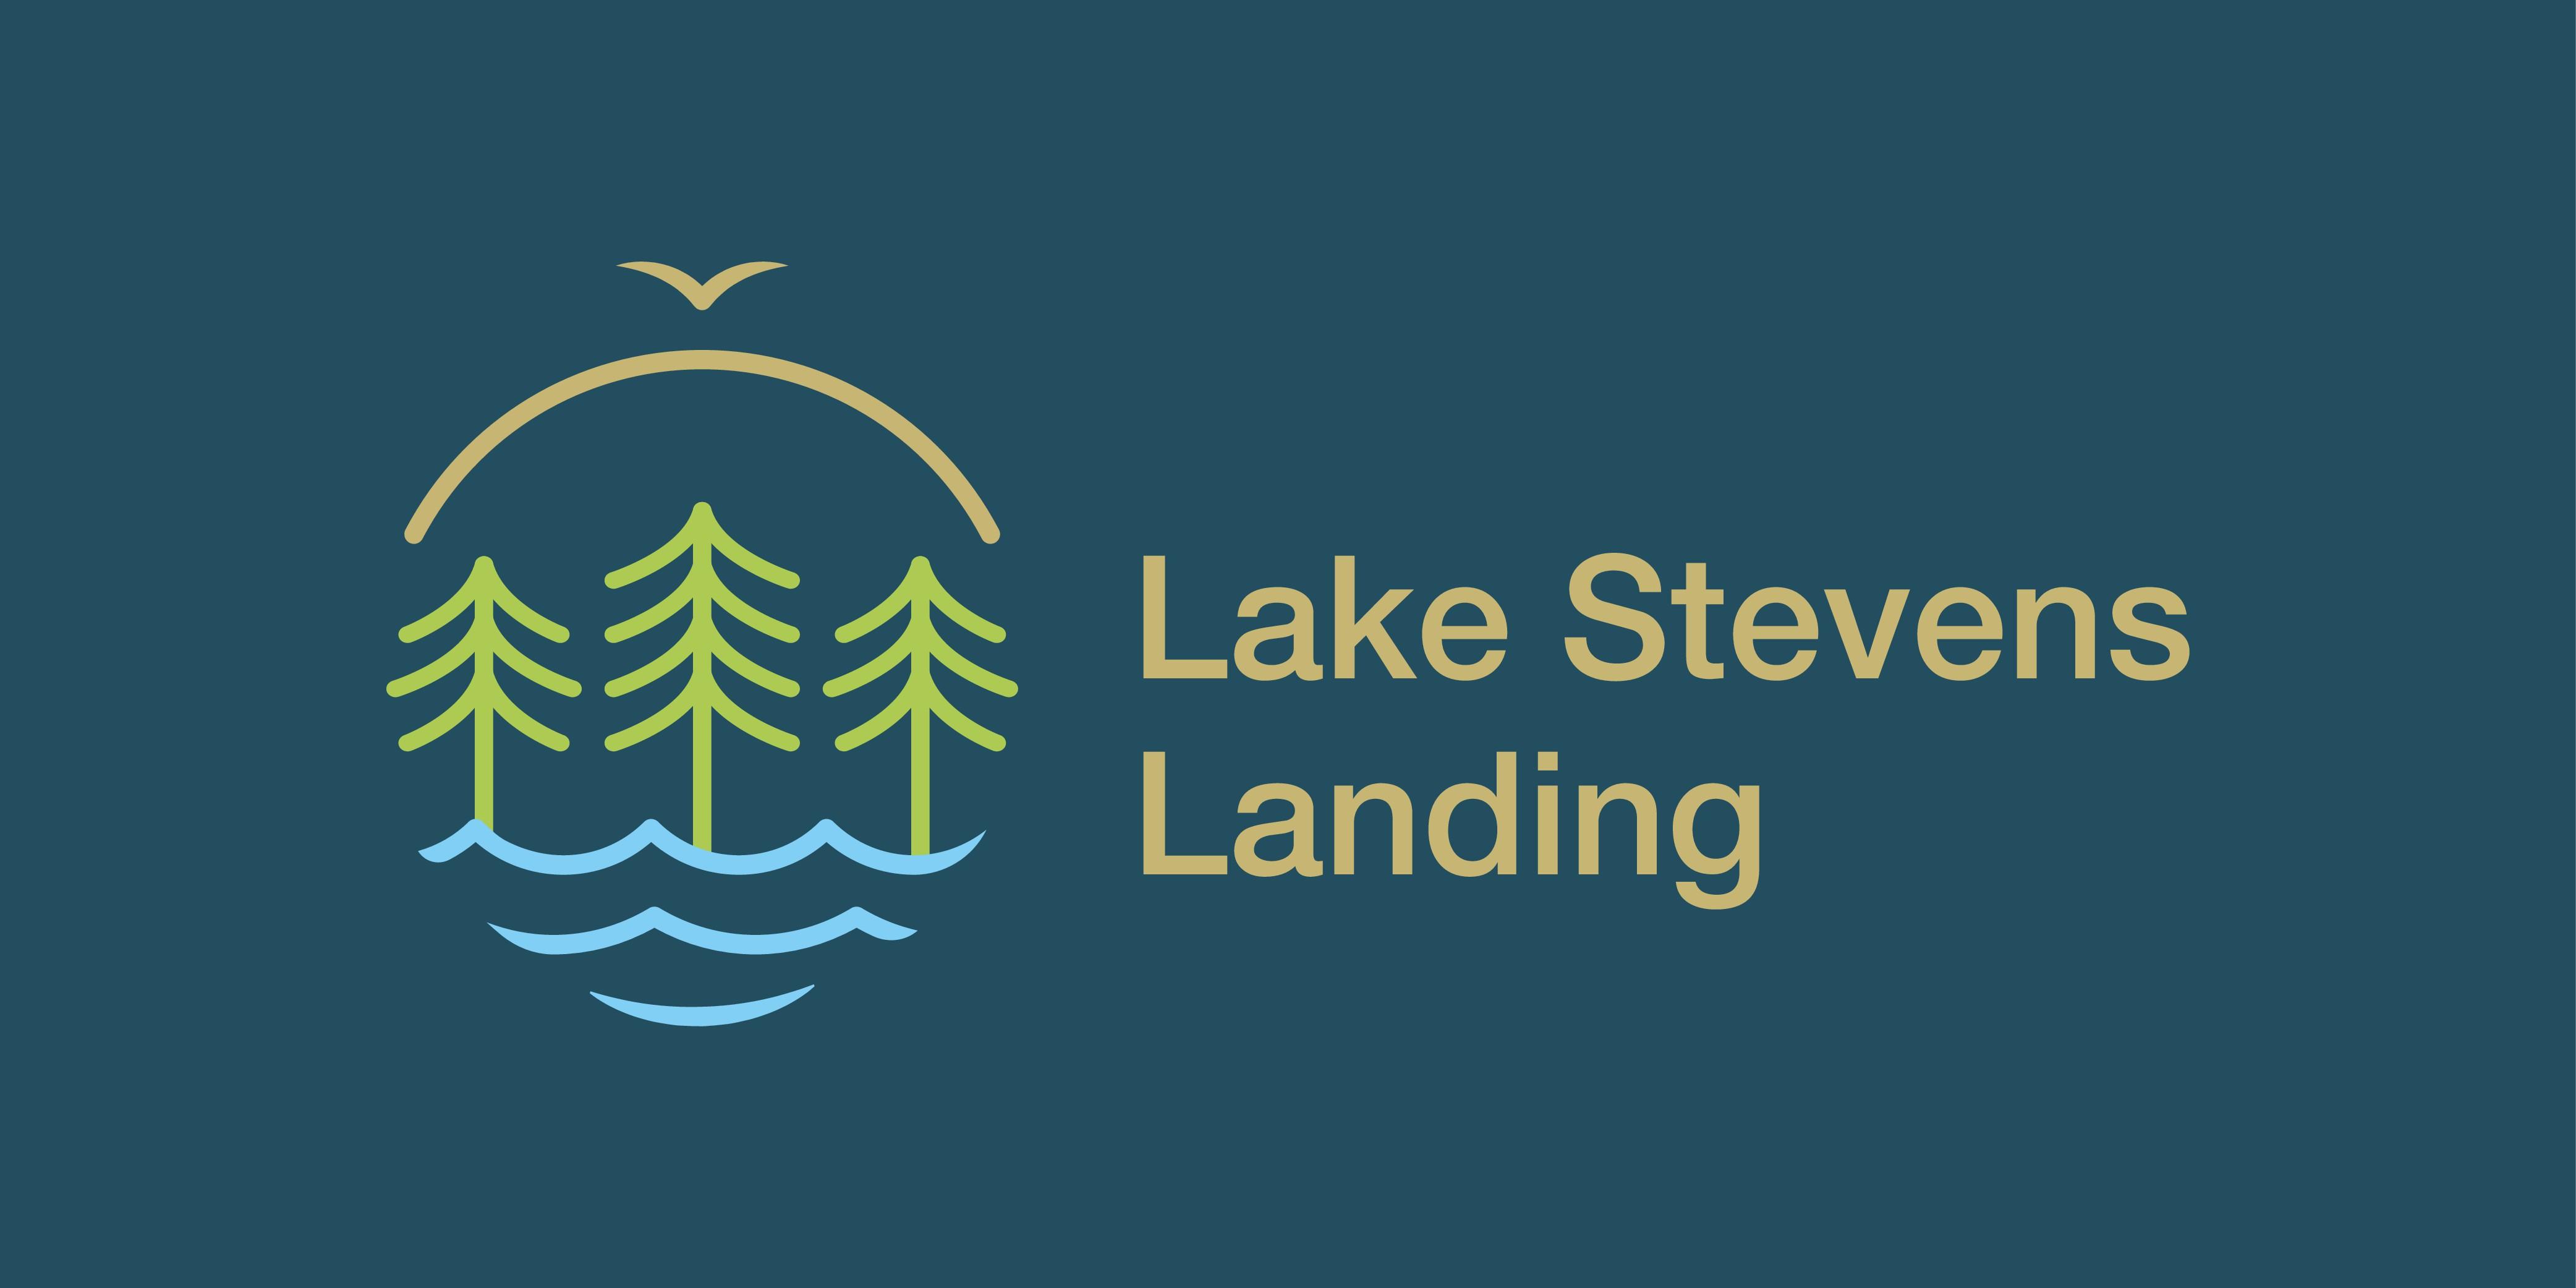 Logo for Lake Stevens Landing - New Commercial Real Estate Project